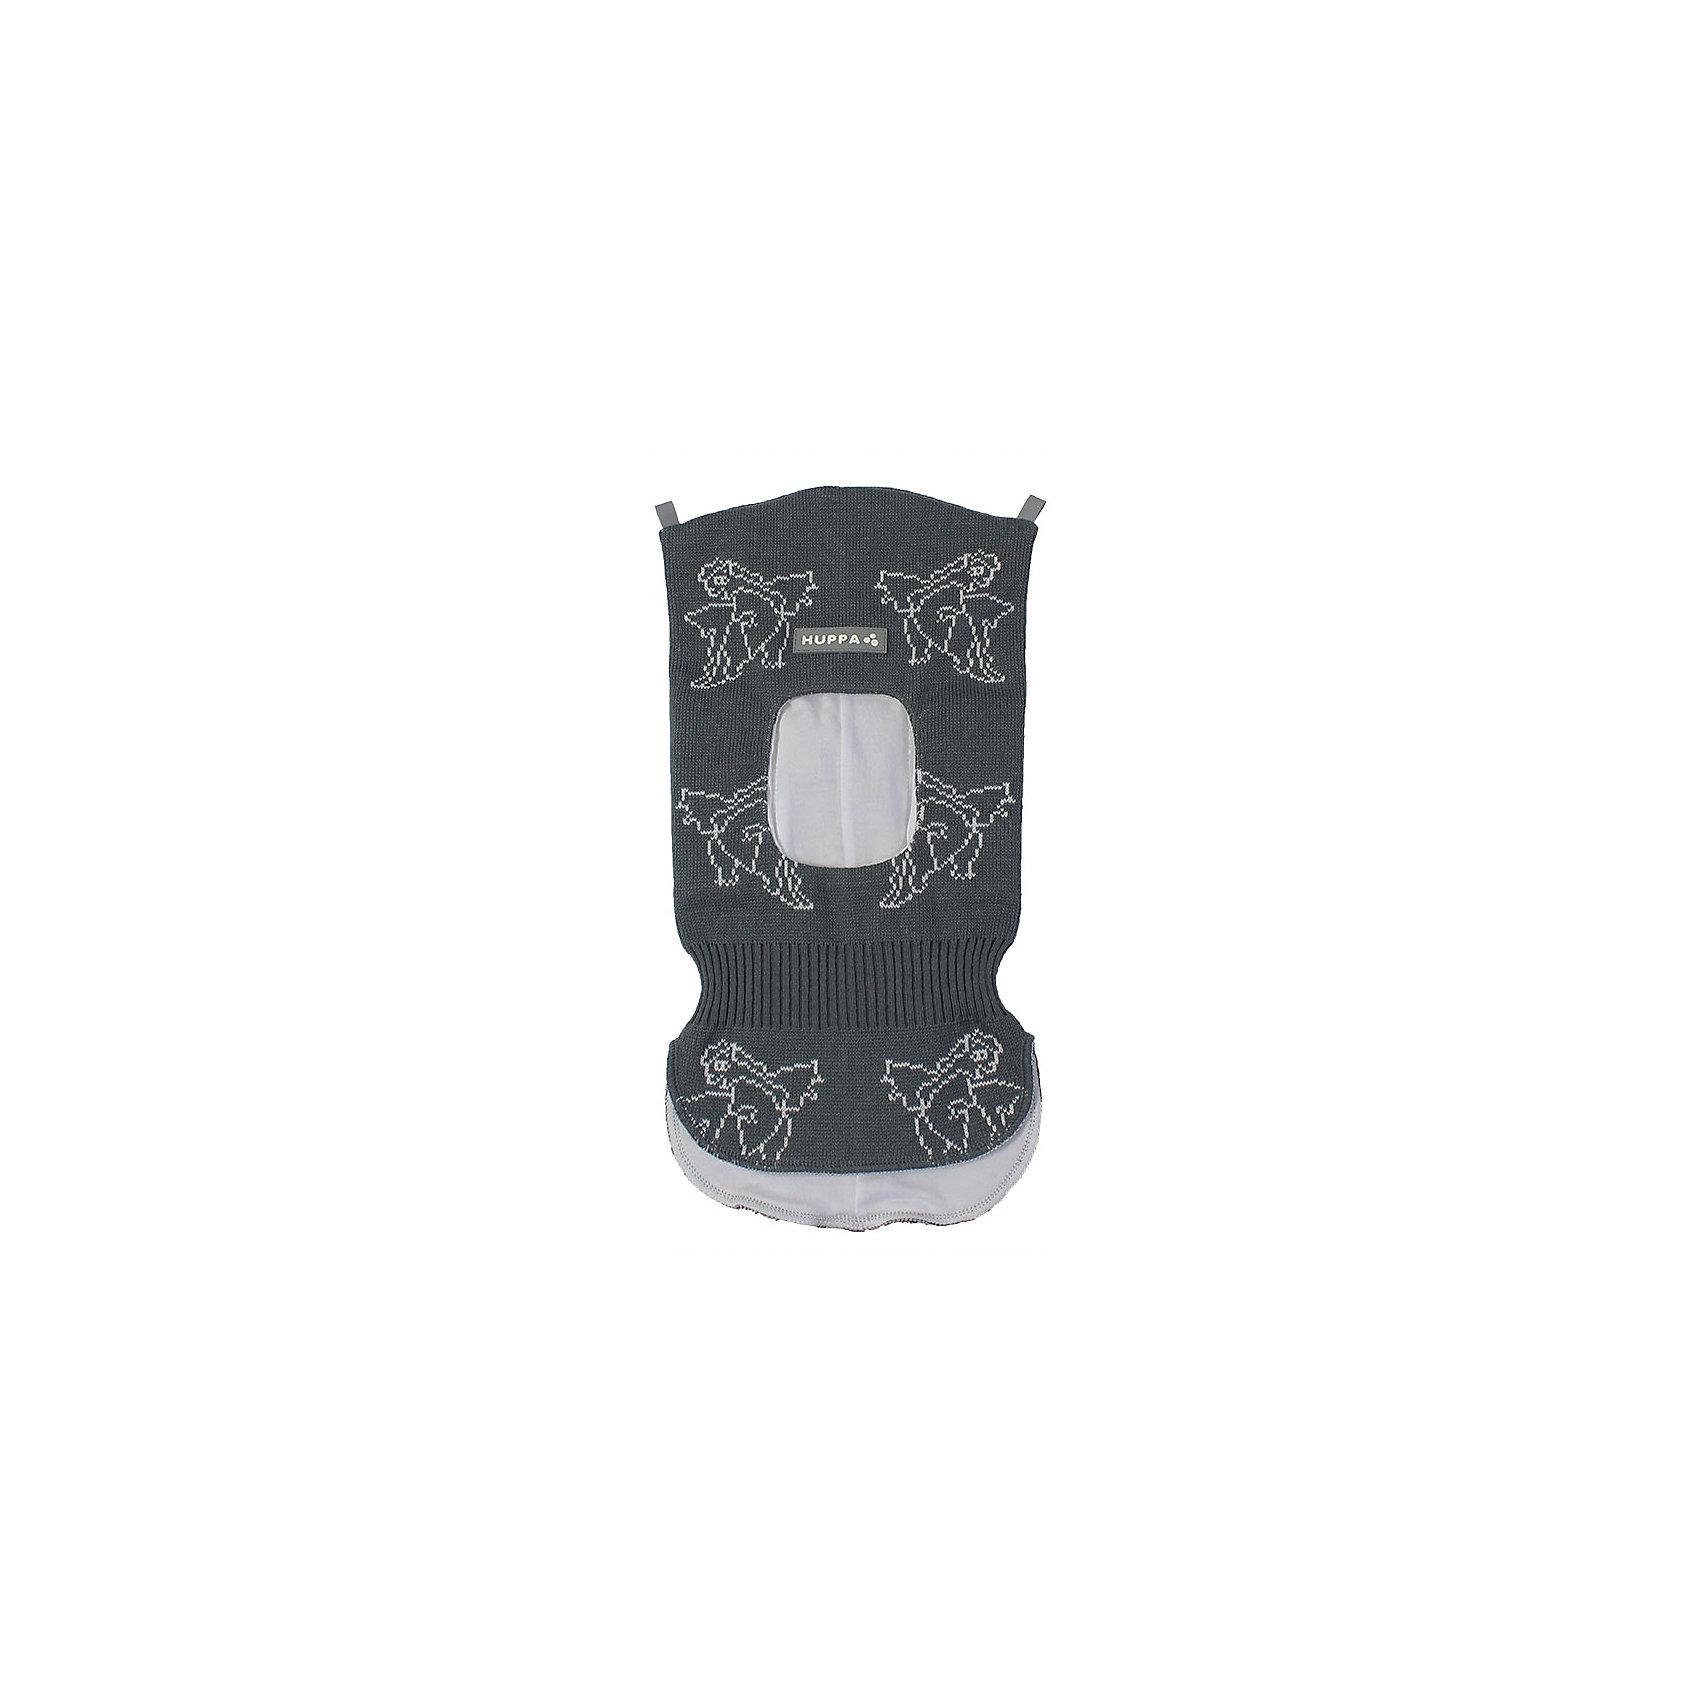 Шапка-шлем SELAH для мальчика HuppaГоловные уборы<br>Характеристики товара:<br><br>• цвет: серый принт<br>• состав: 50% хлопок, 50% акрил<br>• подкладка: трикотаж - 100% хлопок<br>• температурный режим: от -5°С до +10°С<br>• демисезонная<br>• мягкая резинка на шее<br>• логотип<br>• комфортная посадка<br>• мягкий материал<br>• страна бренда: Эстония<br><br>Эта шапка обеспечит детям тепло и комфорт. Она сделана из приятного на ощупь мягкого материала. Шапка очень симпатично смотрится, а дизайн и расцветка позволяют сочетать её с различной одеждой. Модель была разработана специально для детей.<br><br>Одежда и обувь от популярного эстонского бренда Huppa - отличный вариант одеть ребенка можно и комфортно. Вещи, выпускаемые компанией, качественные, продуманные и очень удобные. Для производства изделий используются только безопасные для детей материалы. Продукция от Huppa порадует и детей, и их родителей!<br><br>Шапку-шлем SELAH от бренда Huppa (Хуппа) можно купить в нашем интернет-магазине.<br><br>Ширина мм: 89<br>Глубина мм: 117<br>Высота мм: 44<br>Вес г: 155<br>Цвет: серый<br>Возраст от месяцев: 6<br>Возраст до месяцев: 12<br>Пол: Мужской<br>Возраст: Детский<br>Размер: 43-45,51-53,47-49<br>SKU: 5347629